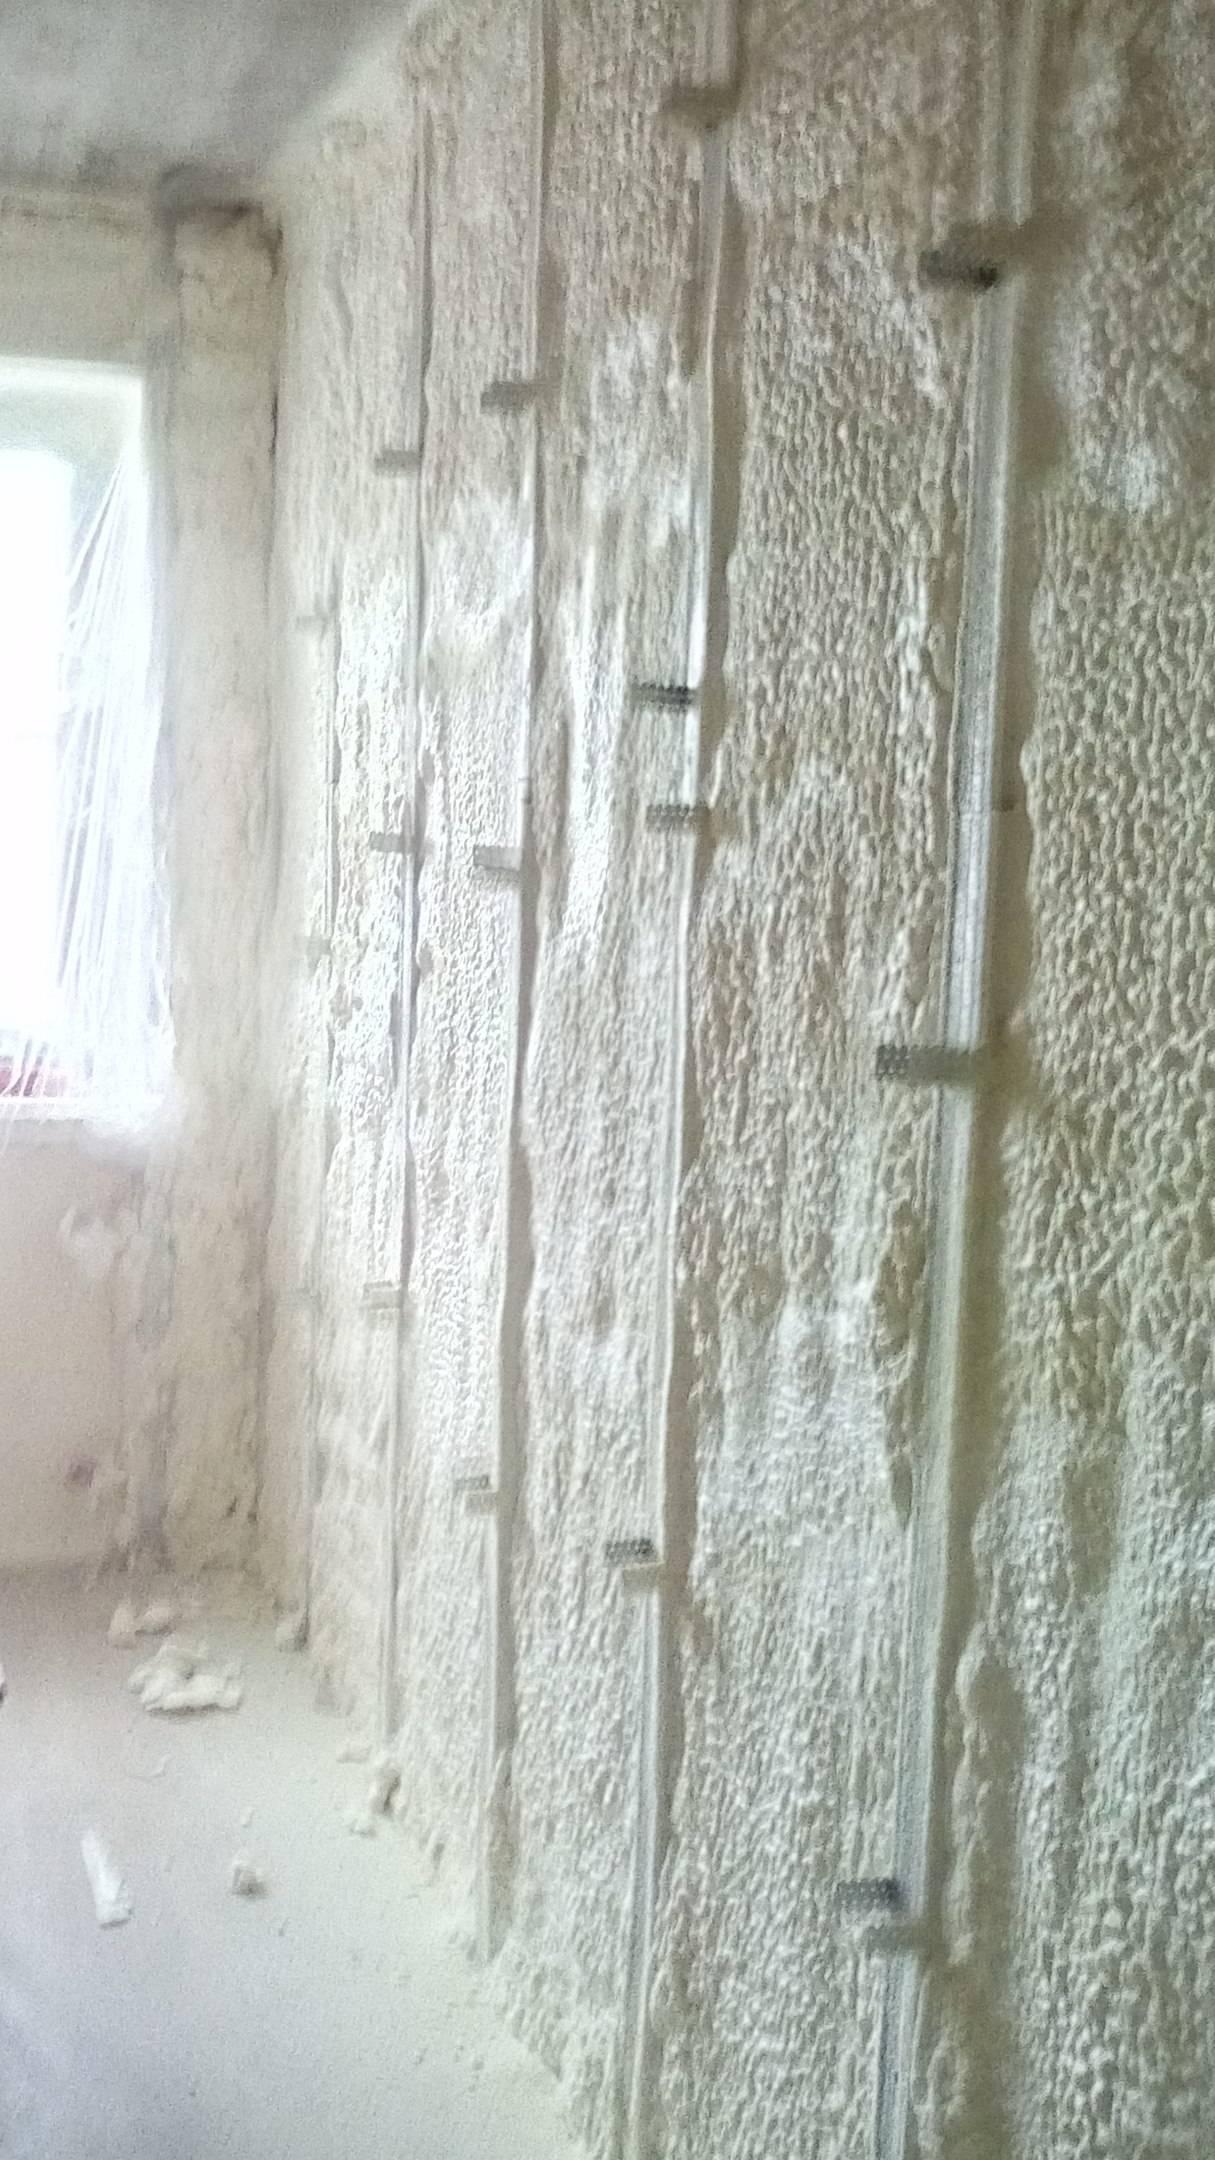 Утепление стен (62 фото): обшивка бетонной стены внутри, как утеплить в частном доме с внутренней стороны, тонкости заполнения пустот изнутри